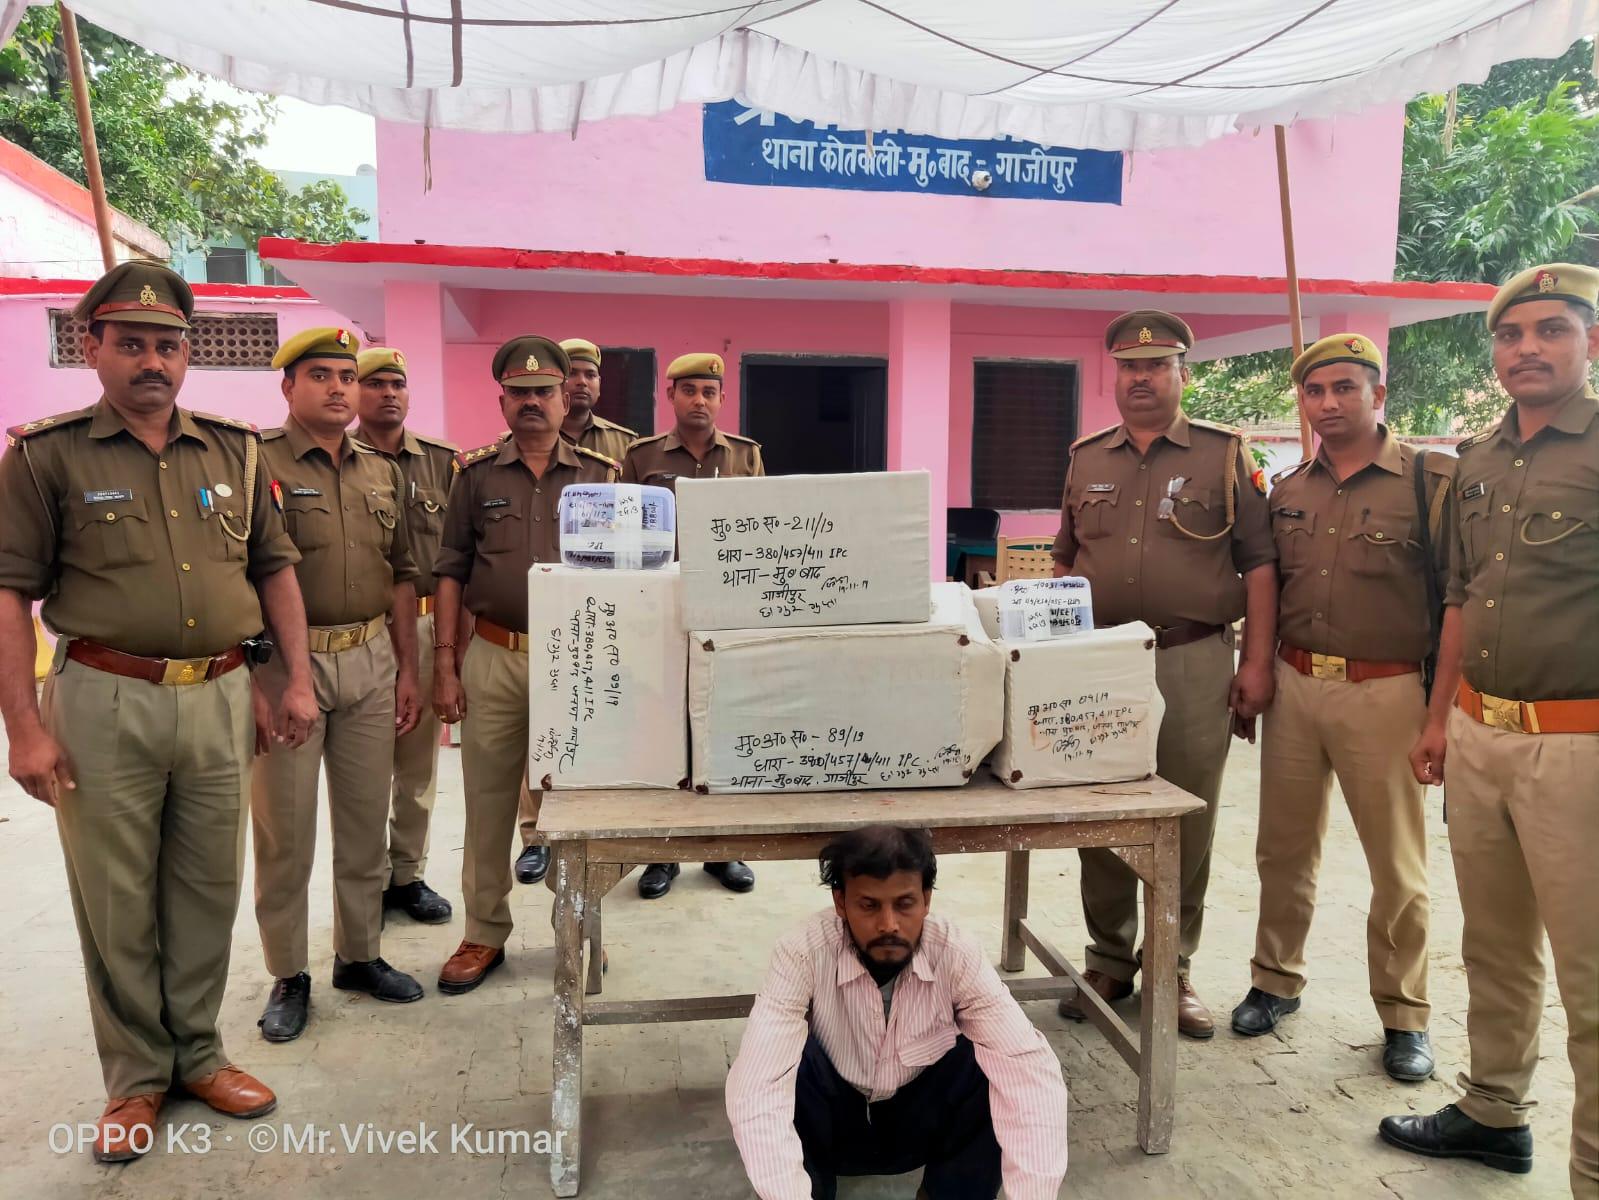 चोरी के सामानों संग शातिर चोर गिरफ्तार